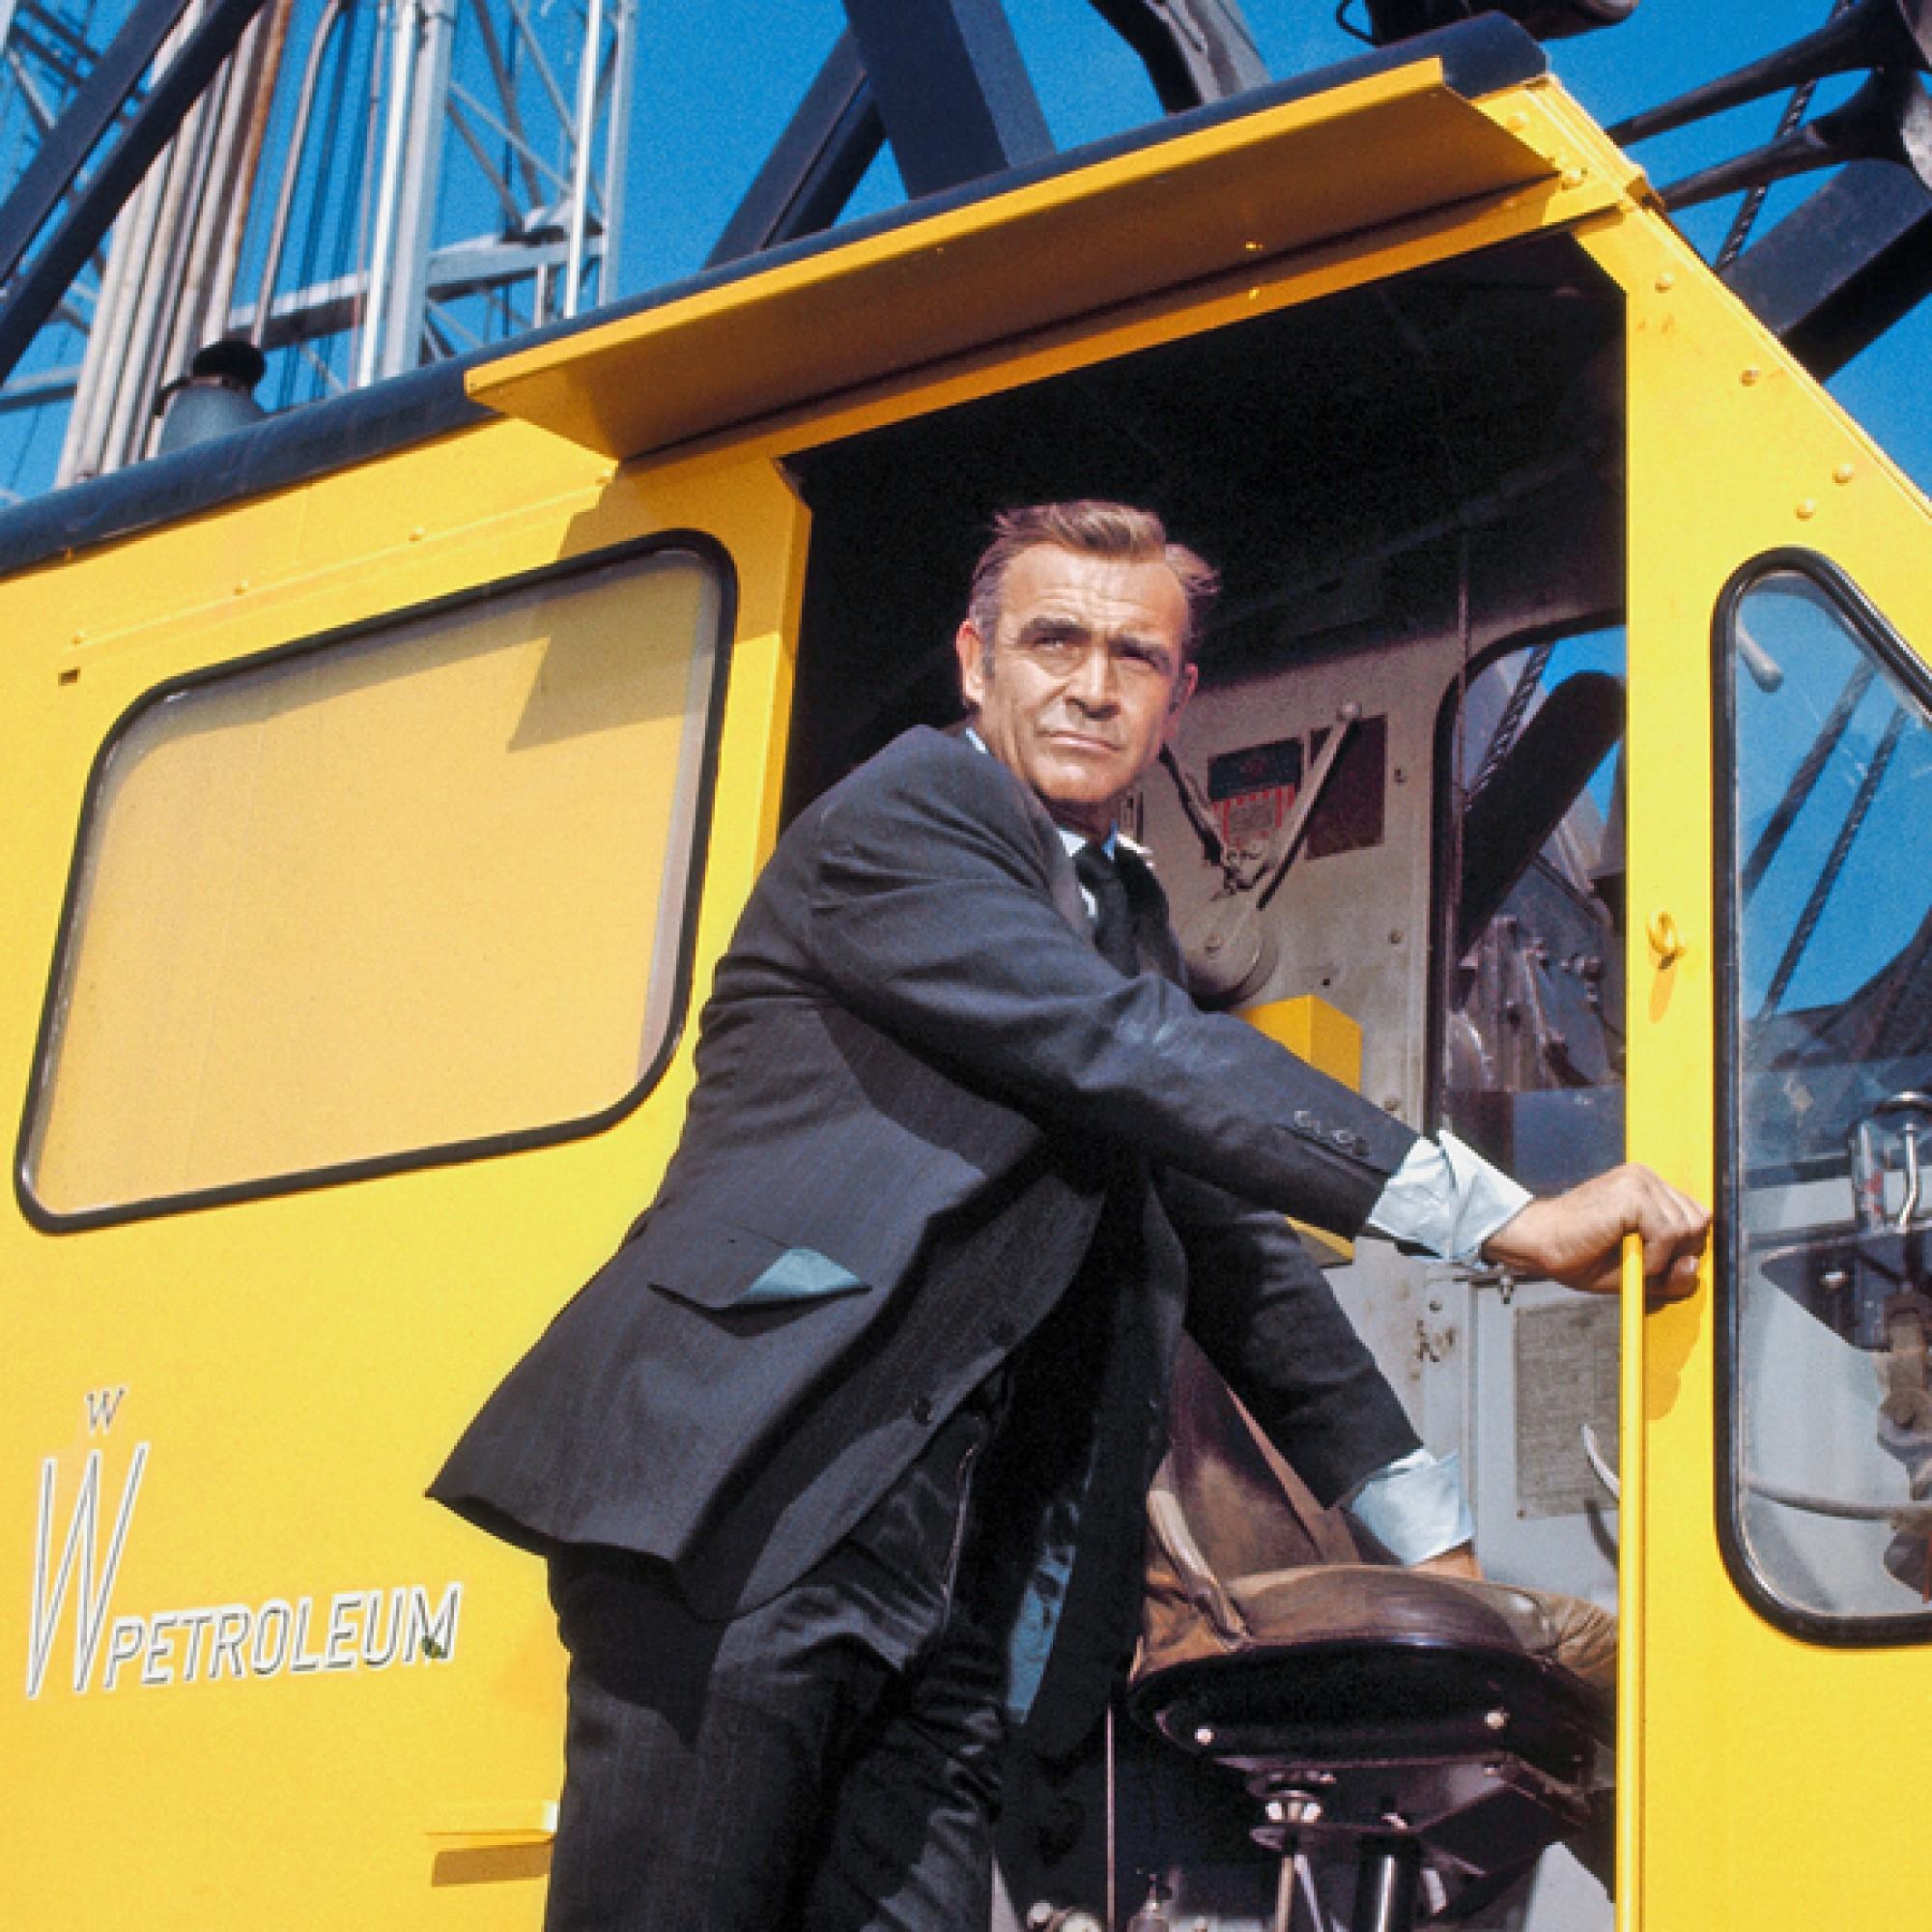 James Bond (Sean Connery) beseitigt in «Diamonds are forever» den Meta-Schurken Blofeld mit einem Hydroseilbagger.